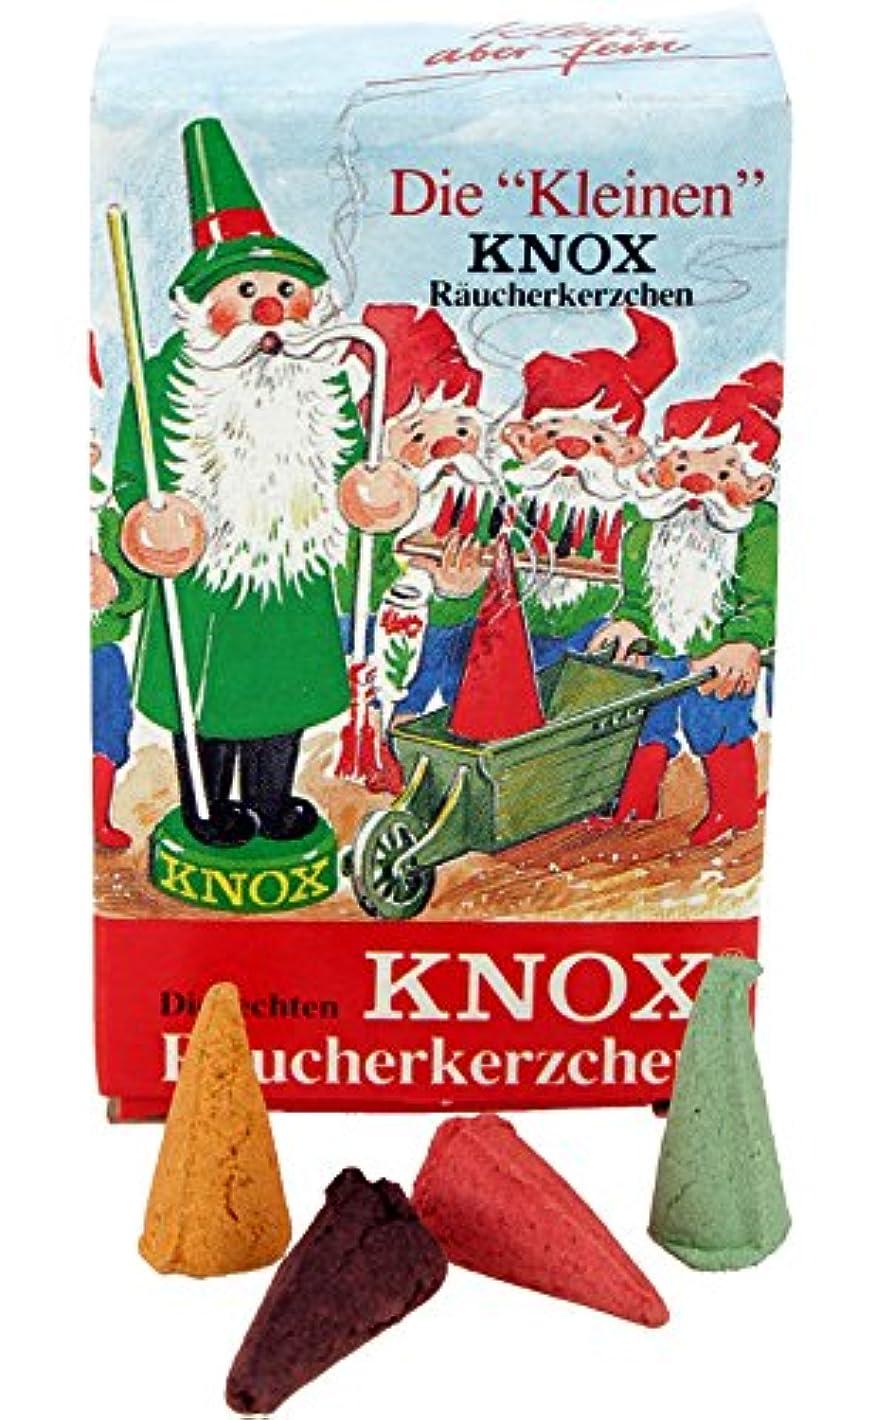 チャールズキージング興奮する鷹Alexander Taron Importer 005302X Knox 小さな詰め合わせお香 24個セット 高さ2.5インチ x 幅1.5インチ x 奥行き0.75インチ ホワイト